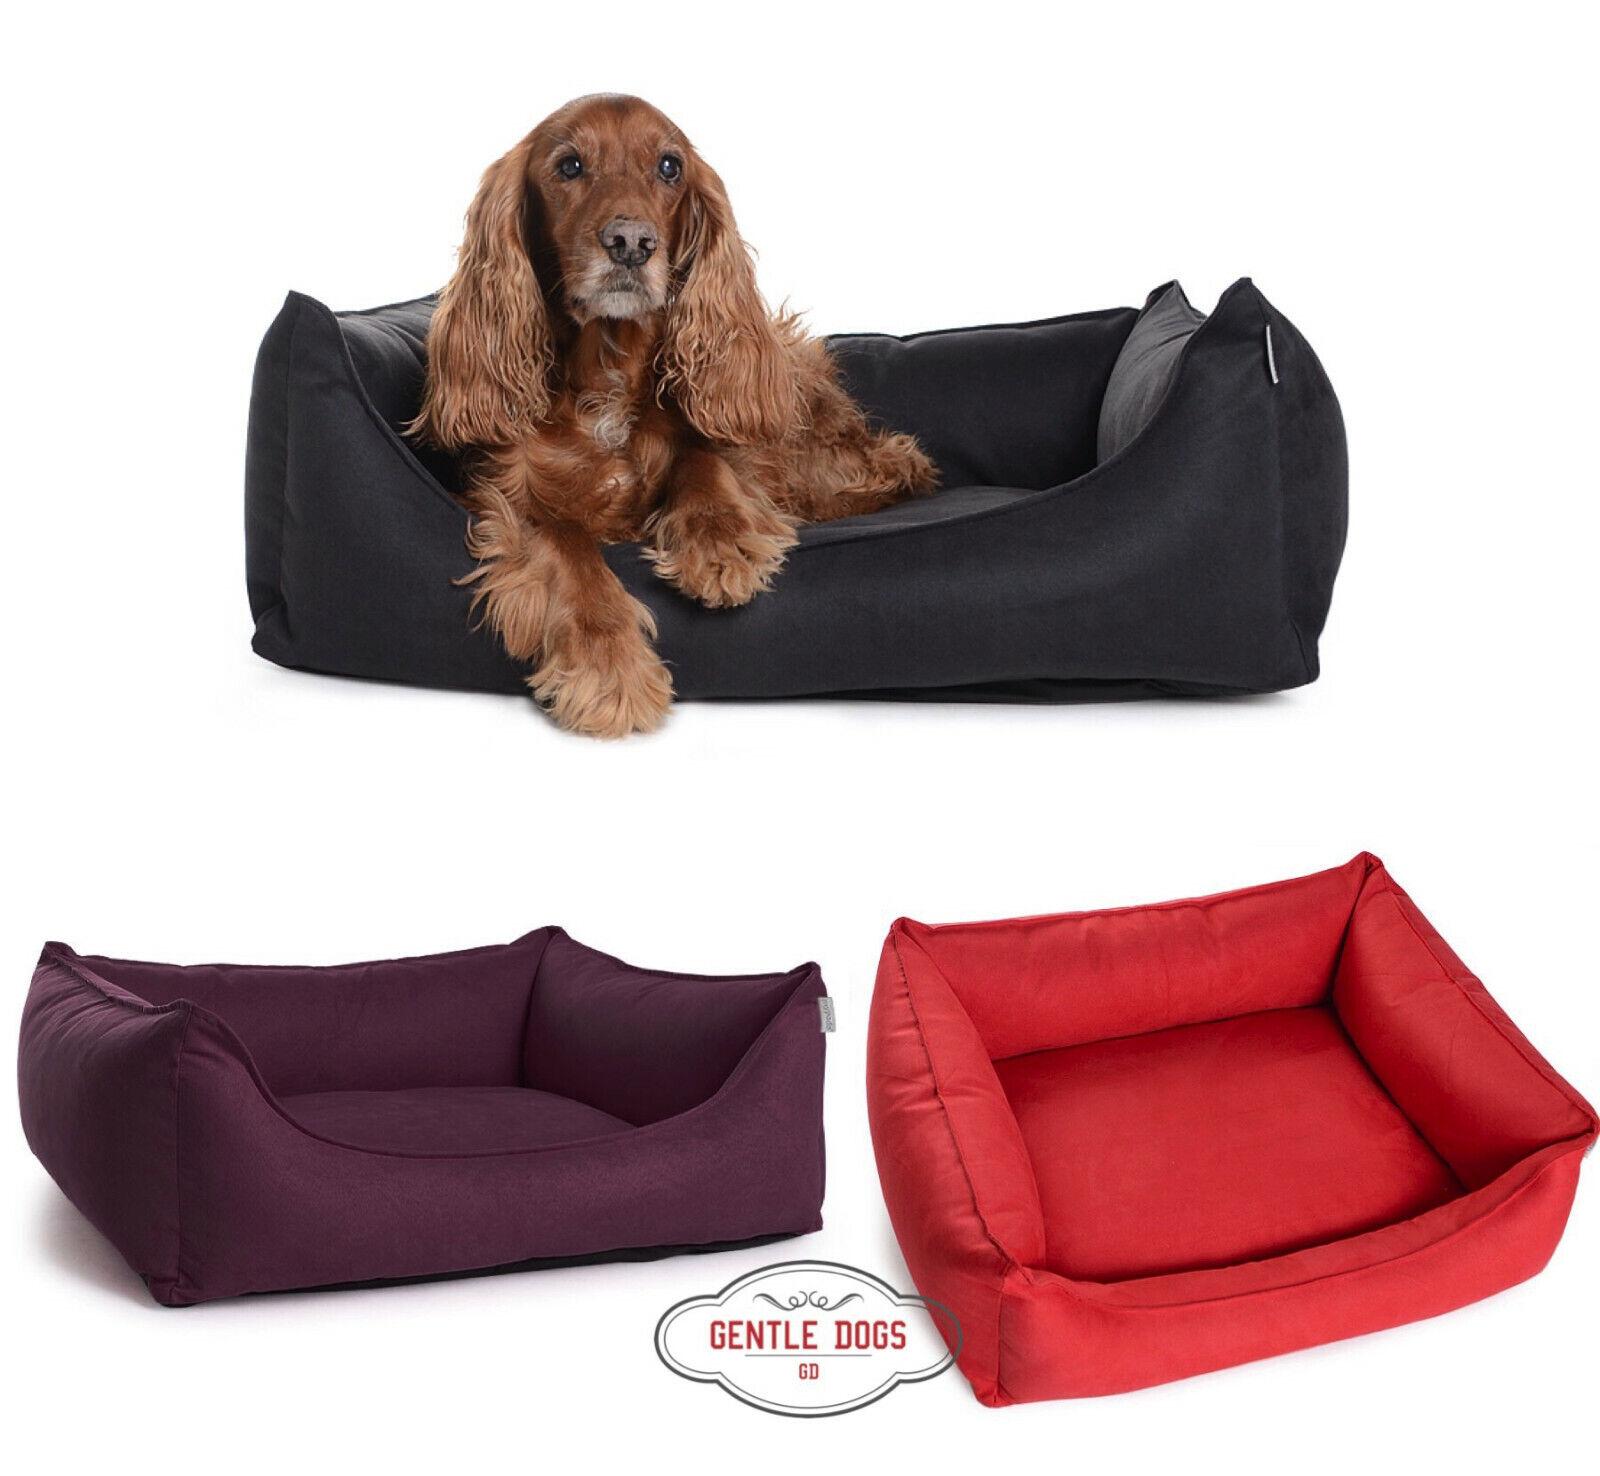 Hundebett Modell Dreamcollection Wildlederimitat von Padsforall gratis Versand